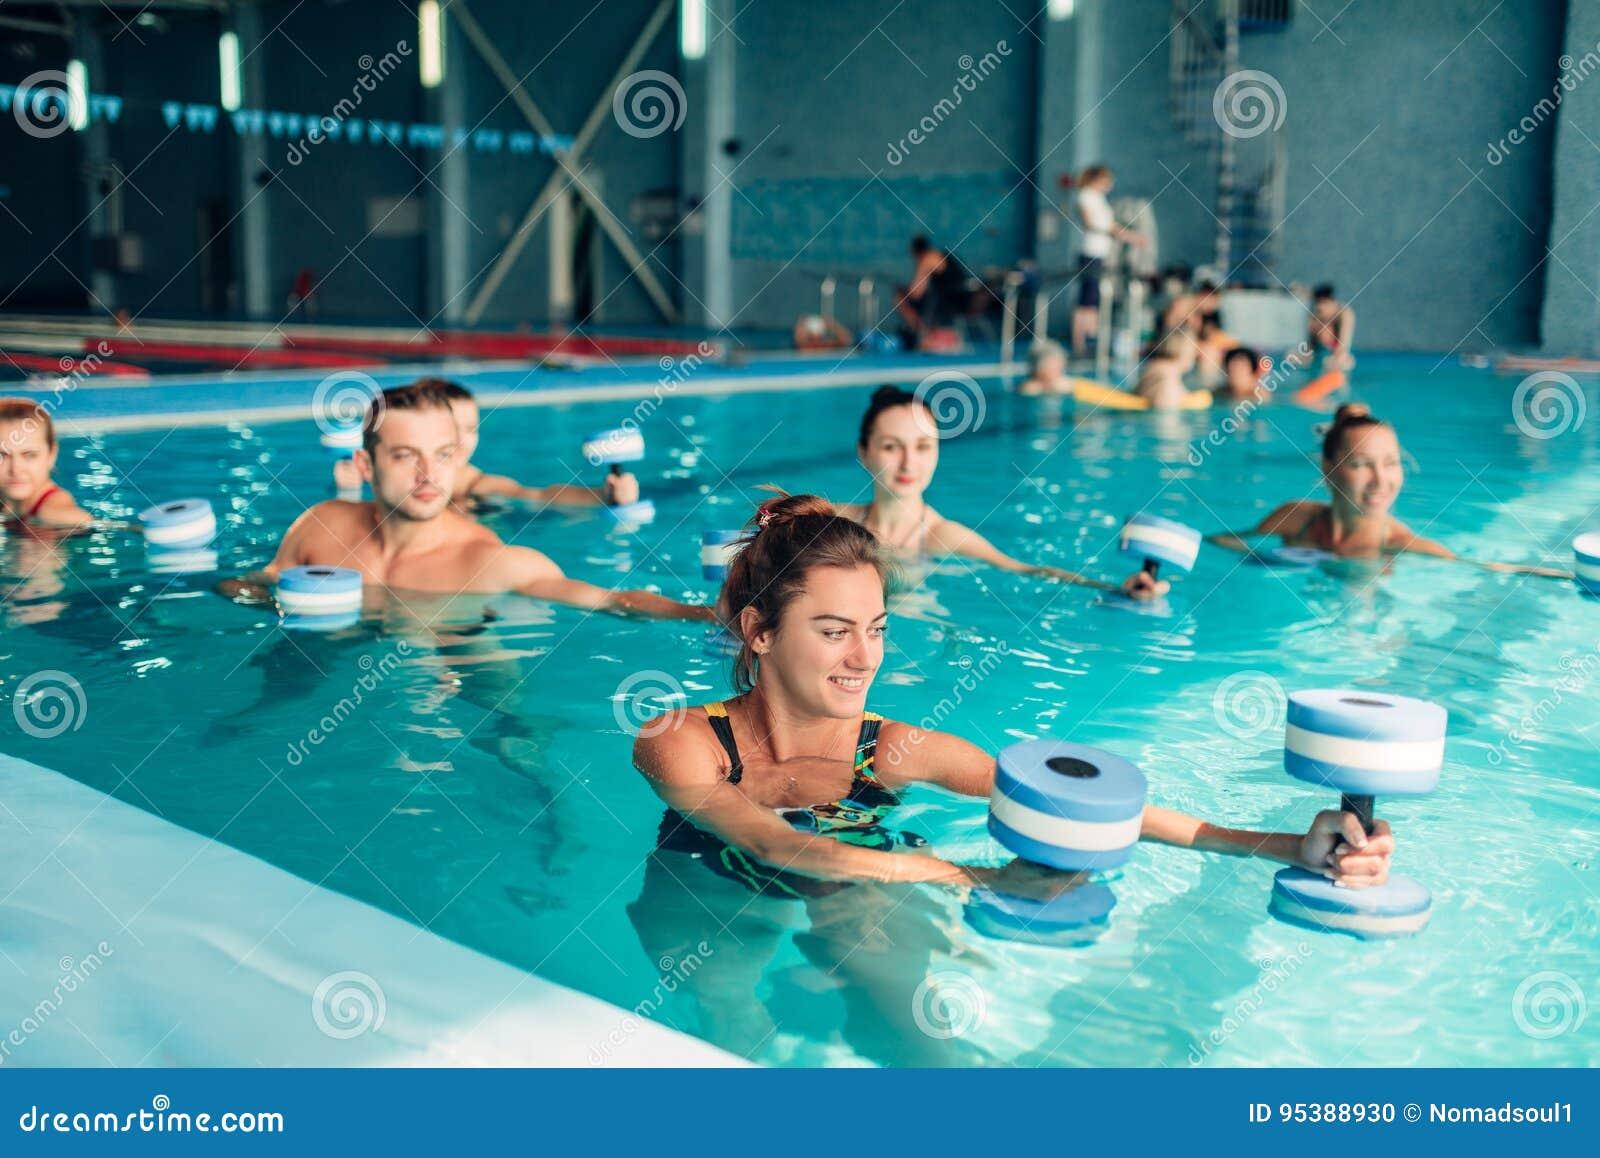 水色有氧运动,健康生活方式,水上运动